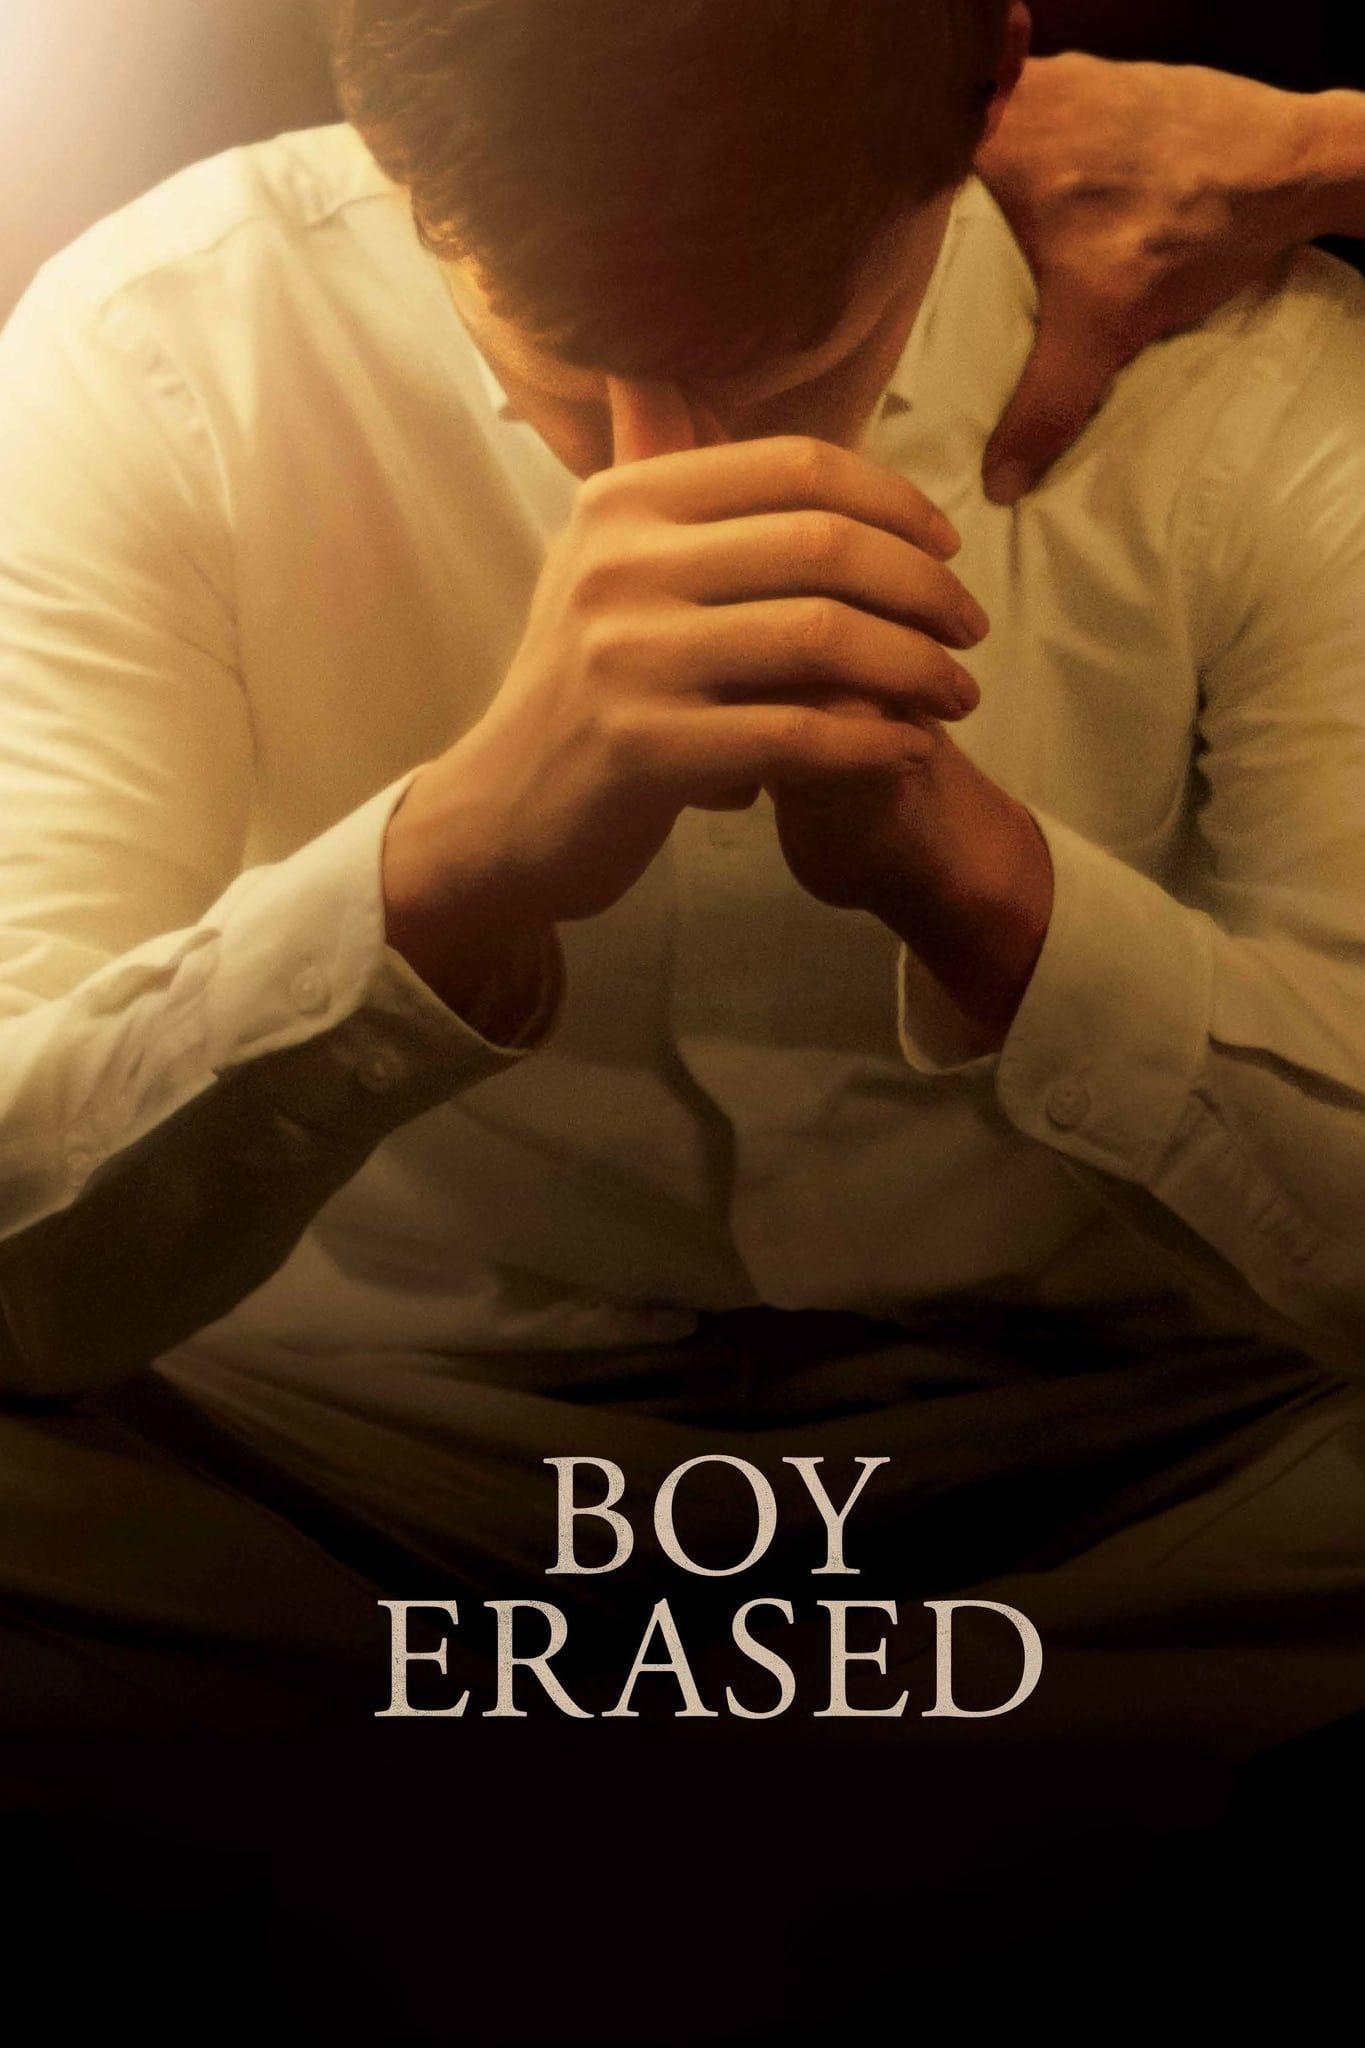 Watch Boy Erased Full Movie Online 123movies Putlocker Poster Freefullmovie Hdvix Movie720p Jar Books For Boys Full Movies Full Movies Online Free